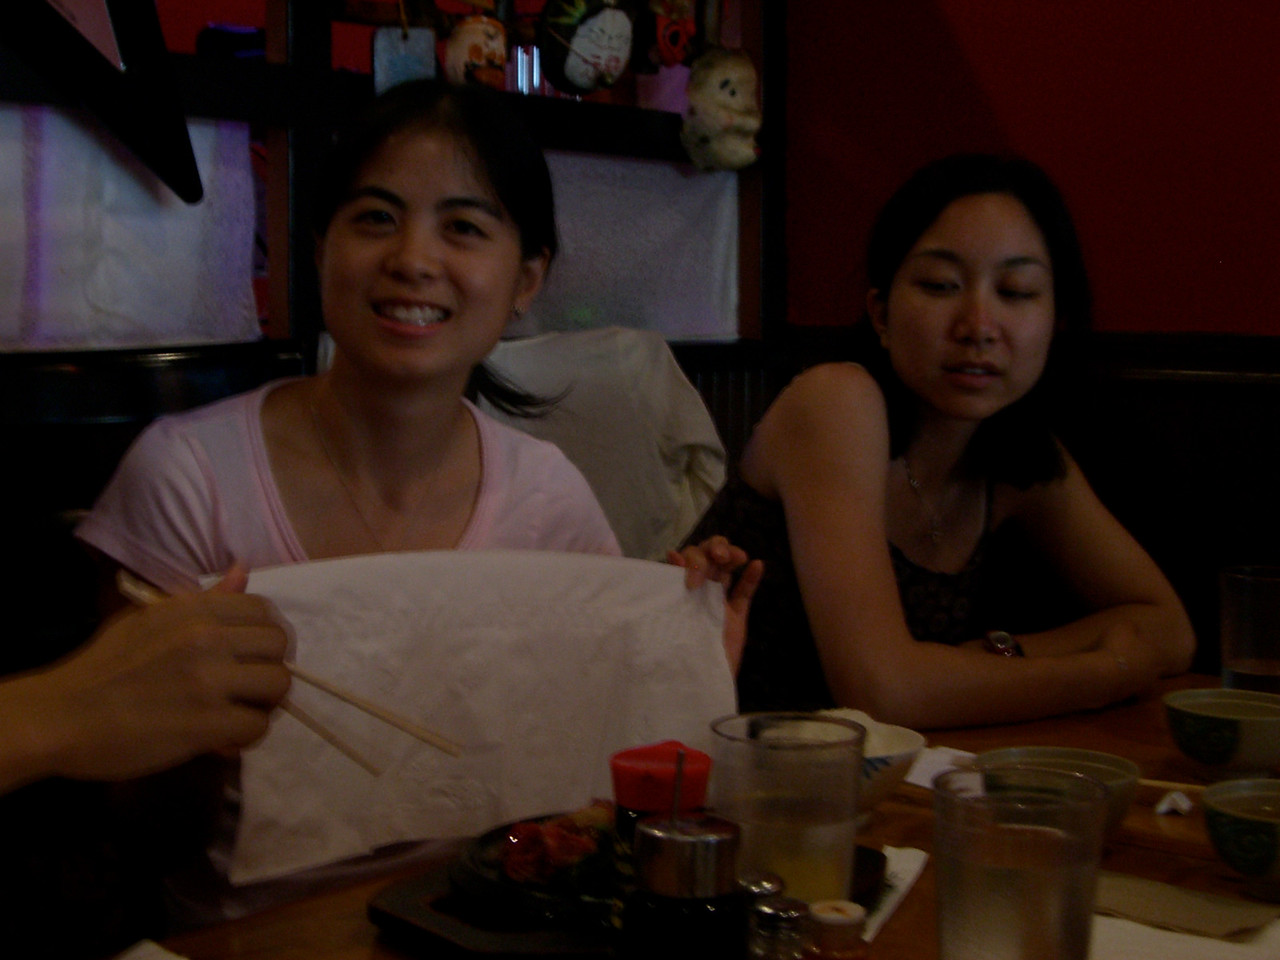 2006 06 17 Sat - Audrey Wu demonstrating the Taiwan steak practice as Renee Lee looks on